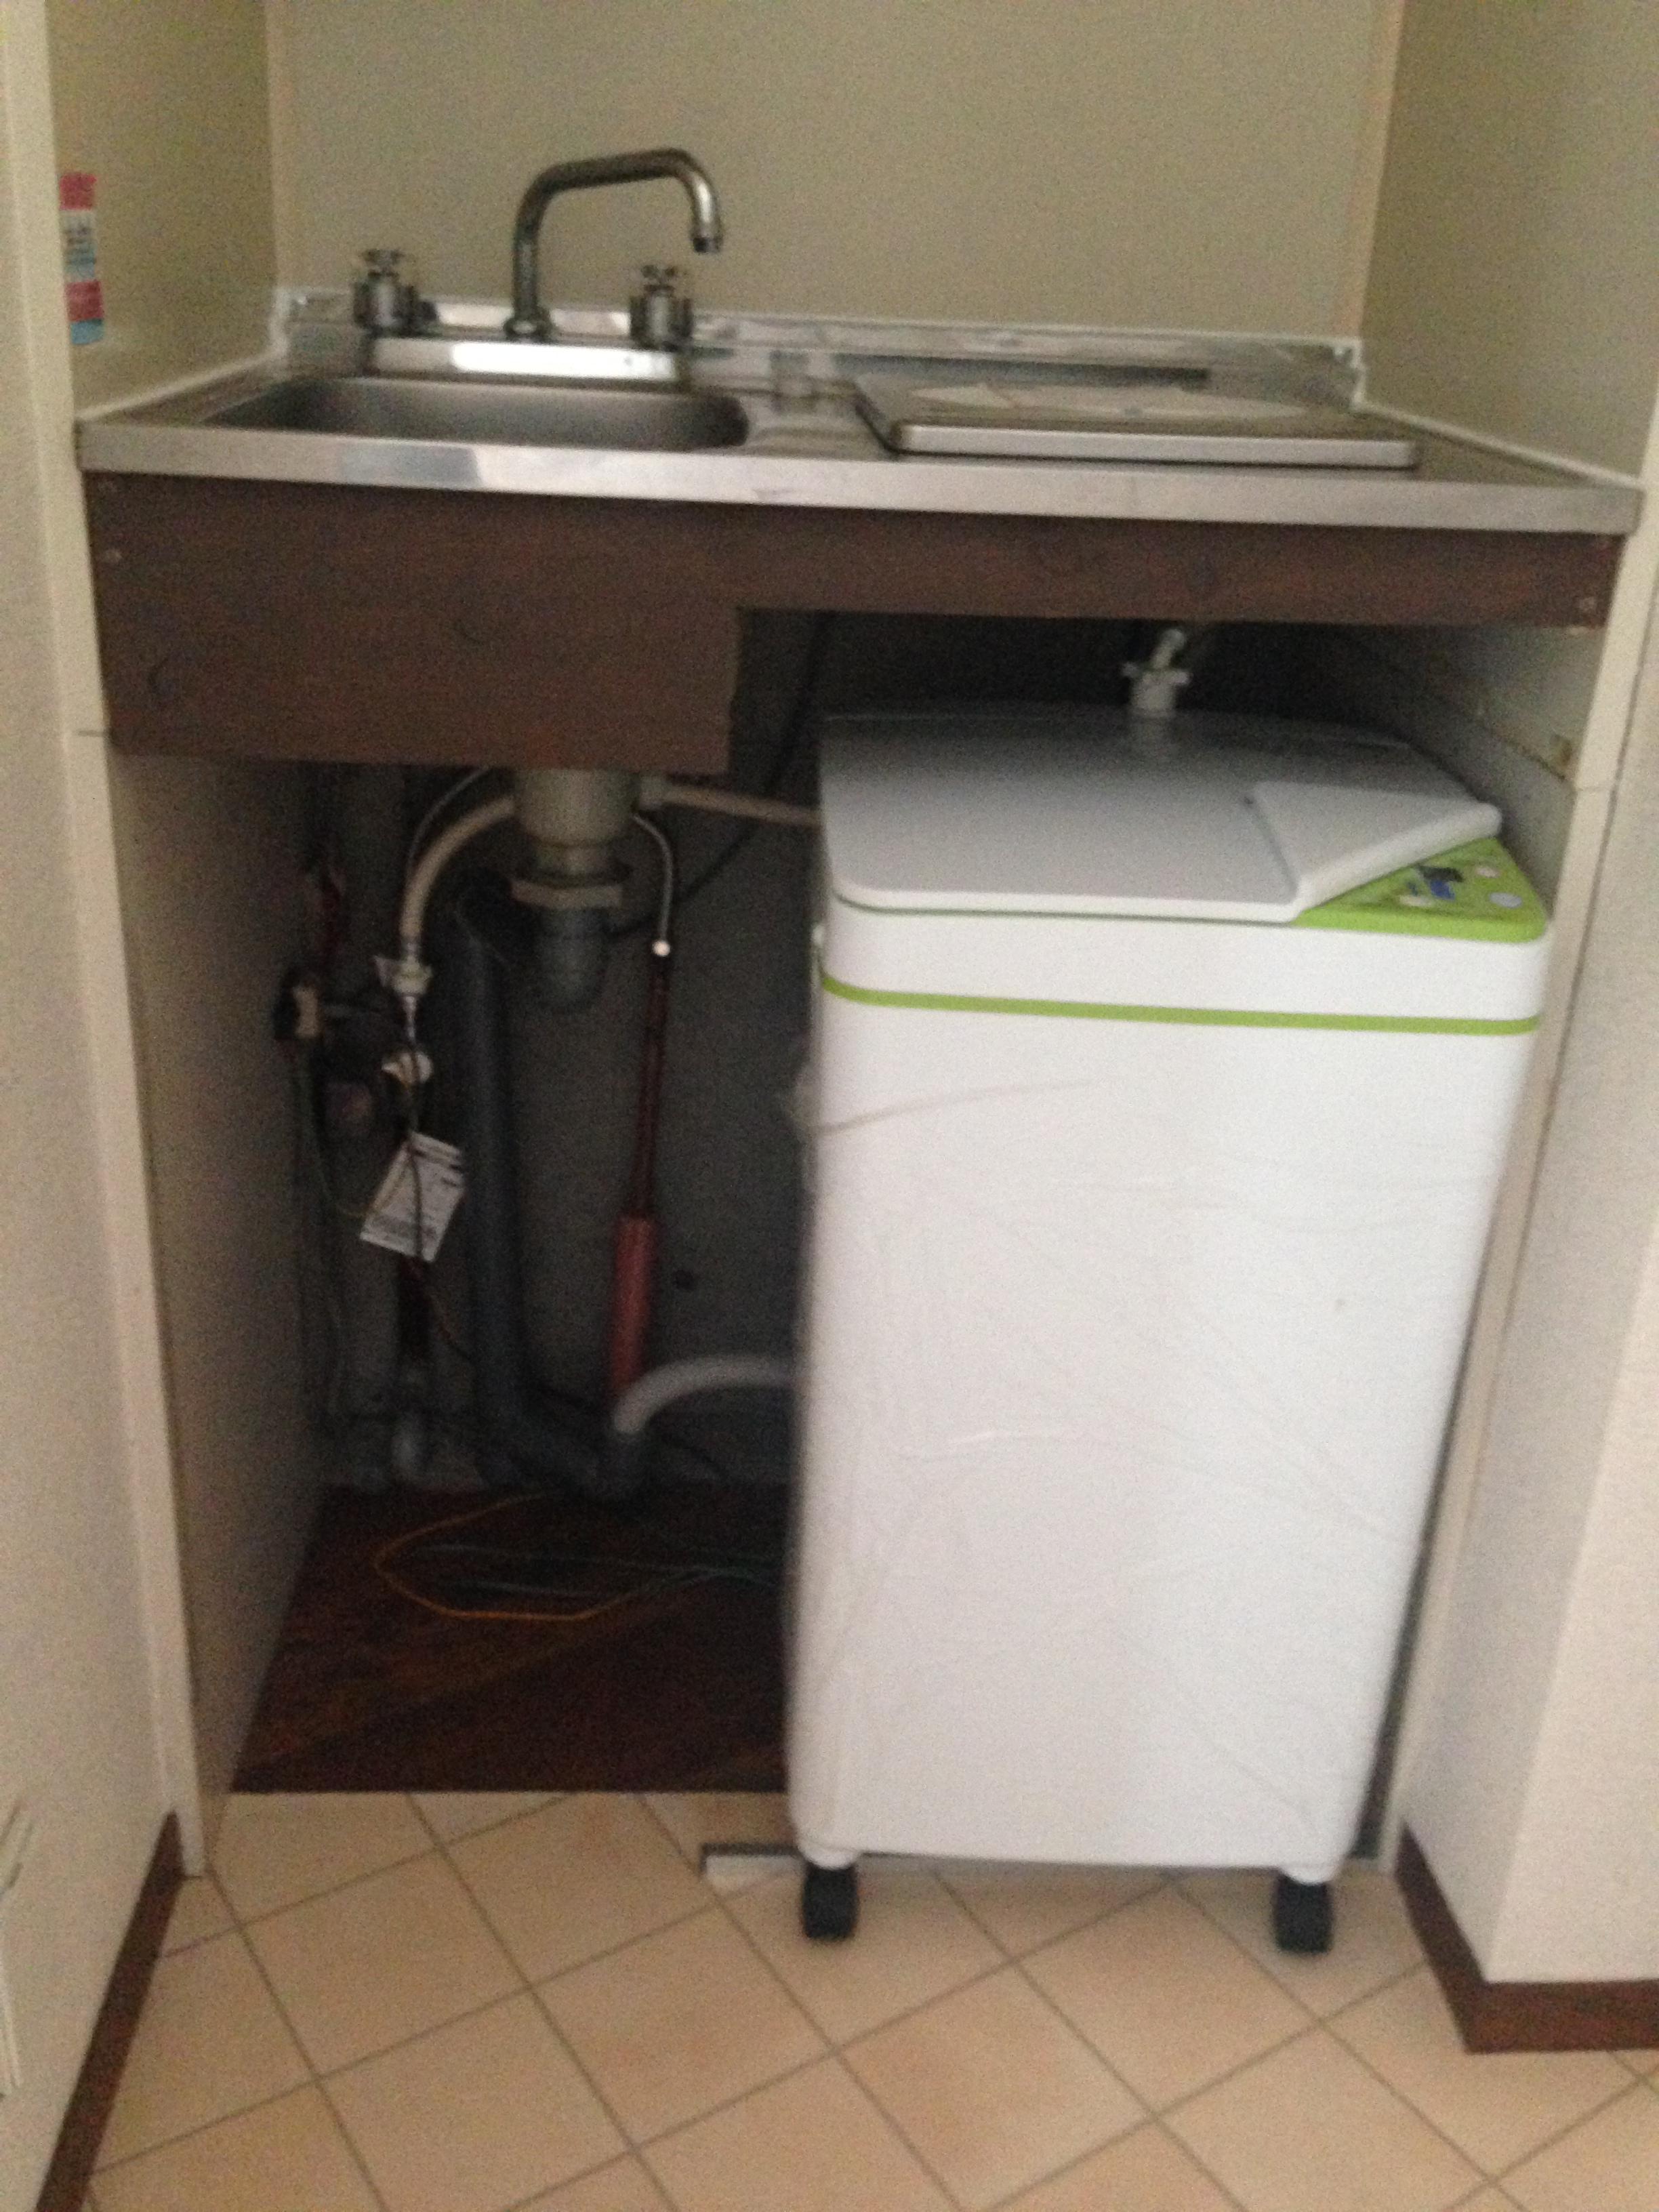 ミニキッチンの下に洗濯機を付けてみました。   不動産査定なら収益物件